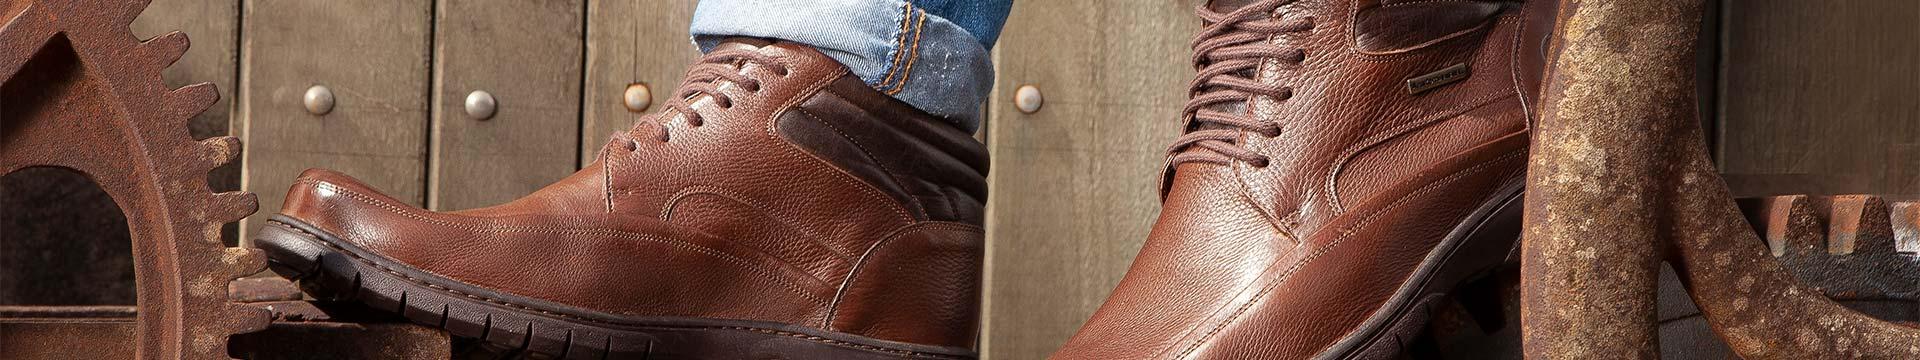 Calçados - Botas